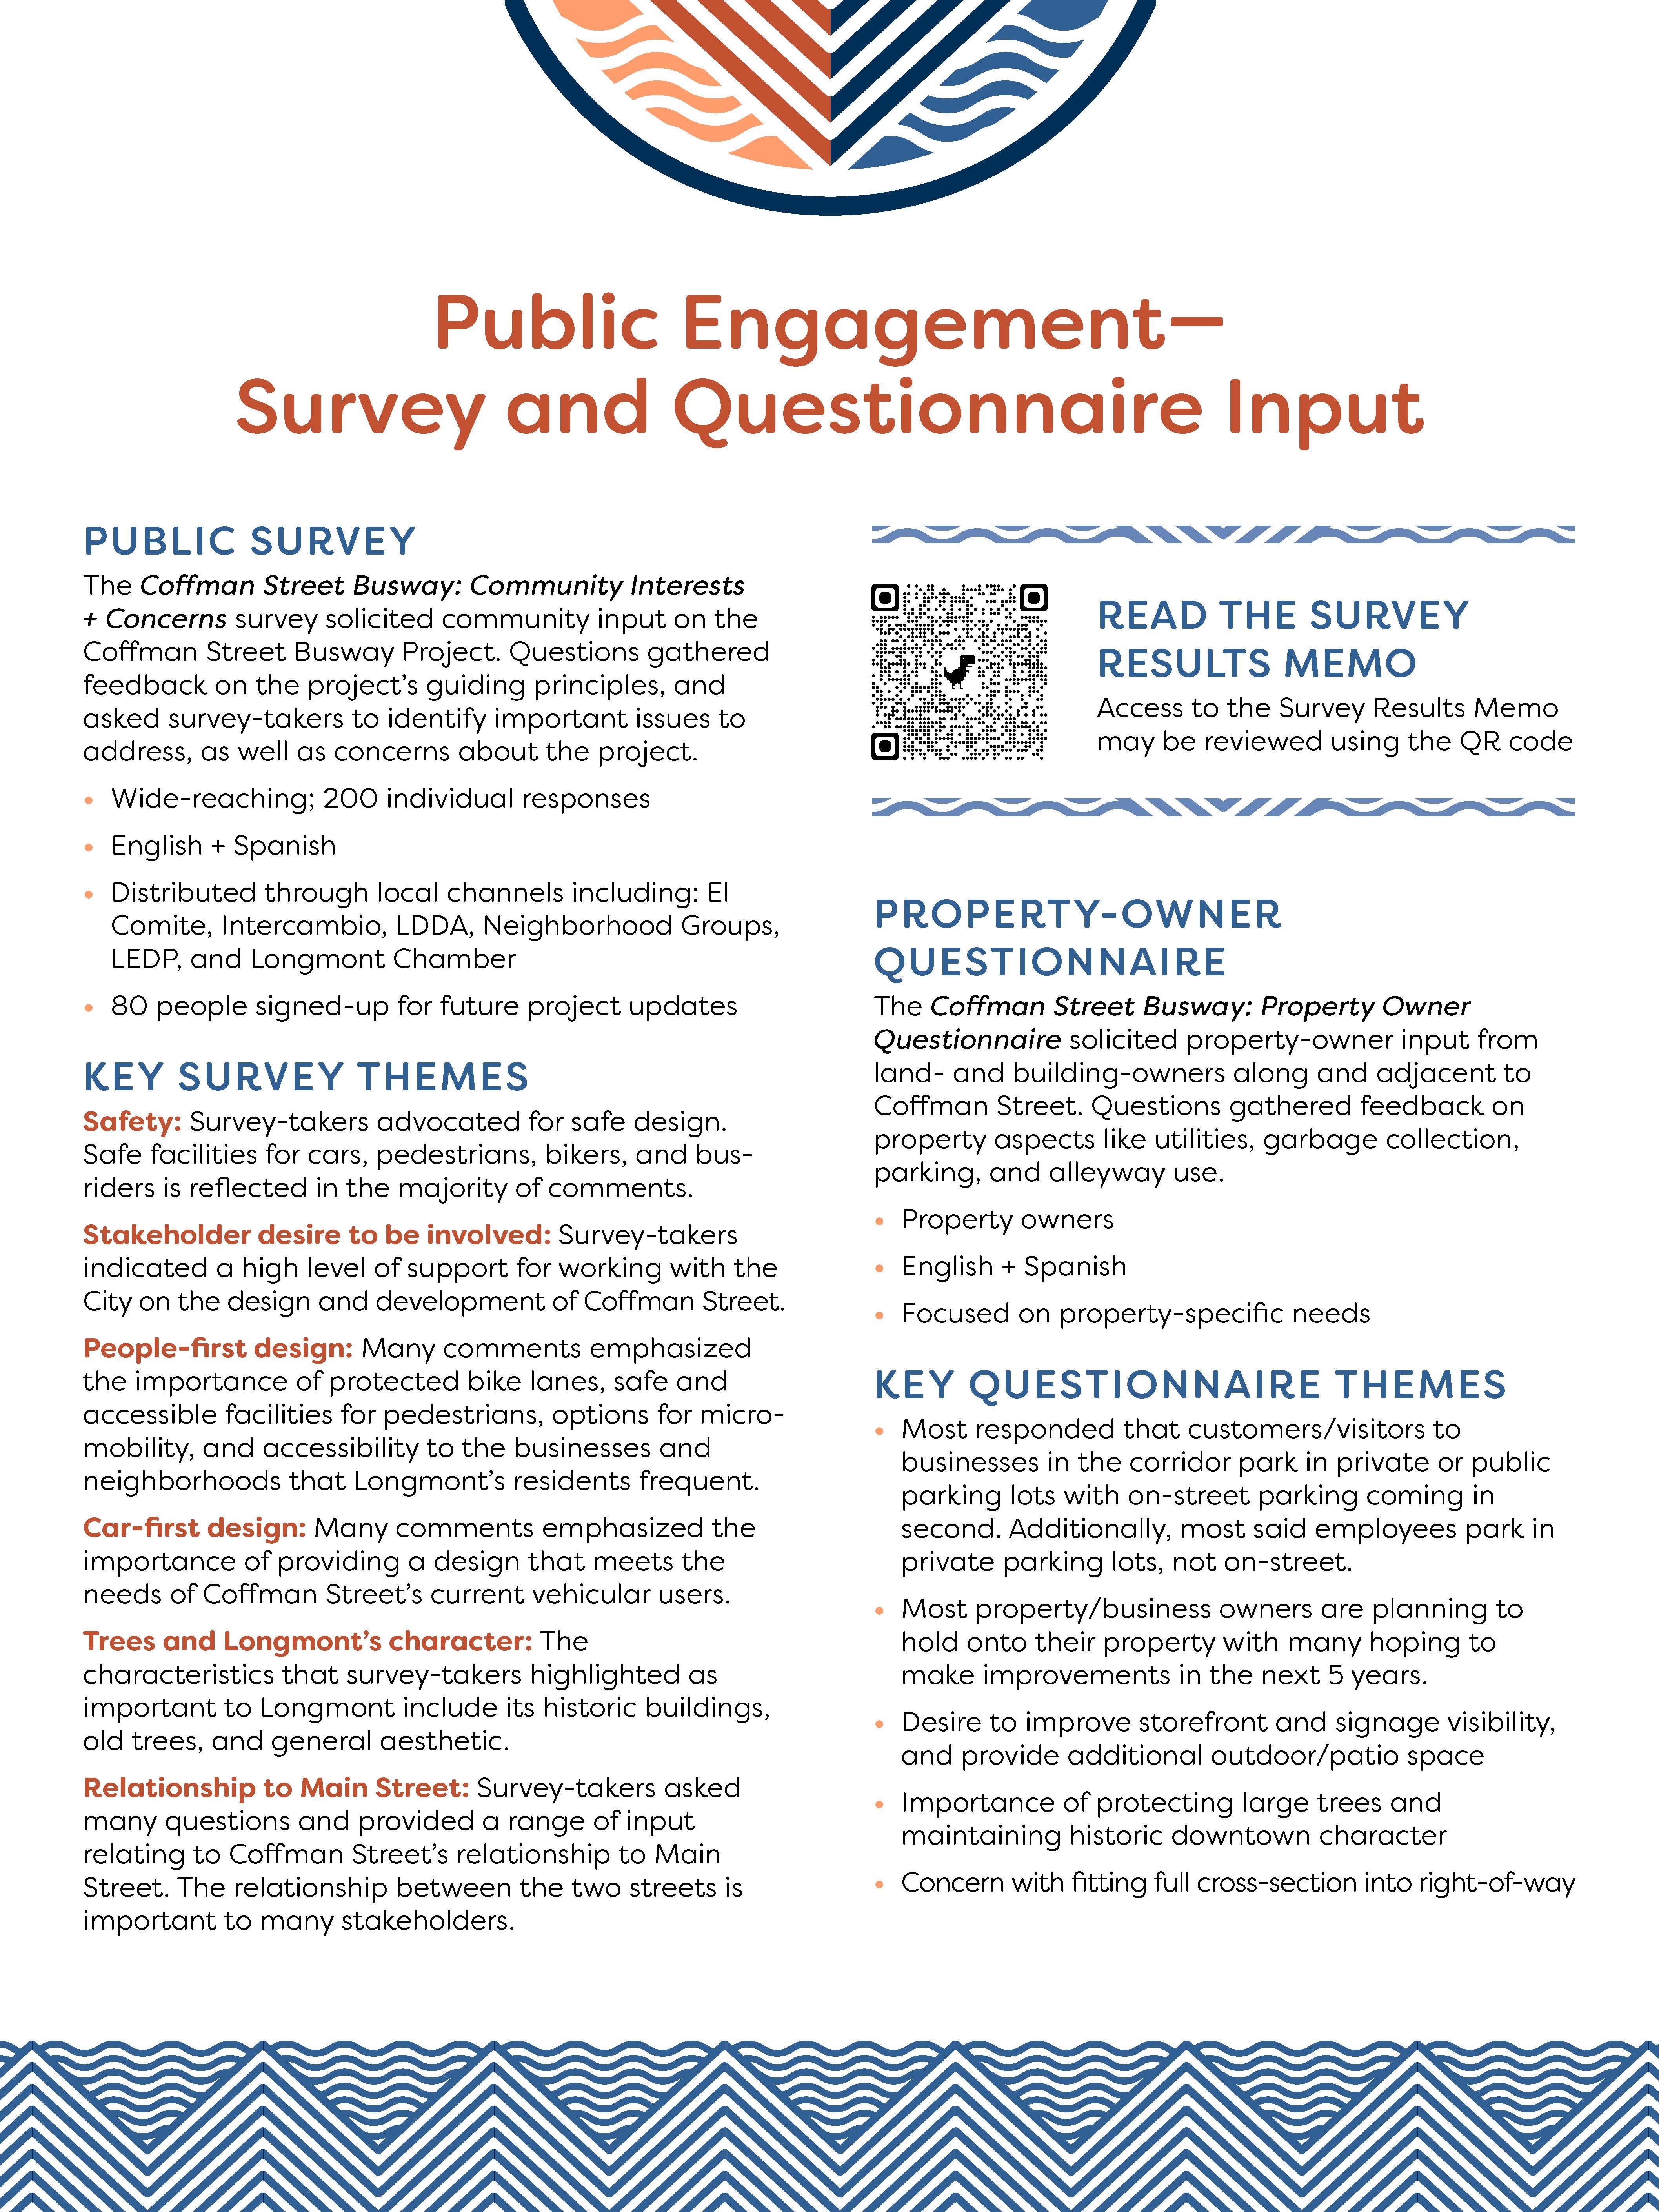 Download the Public Engagement PDF